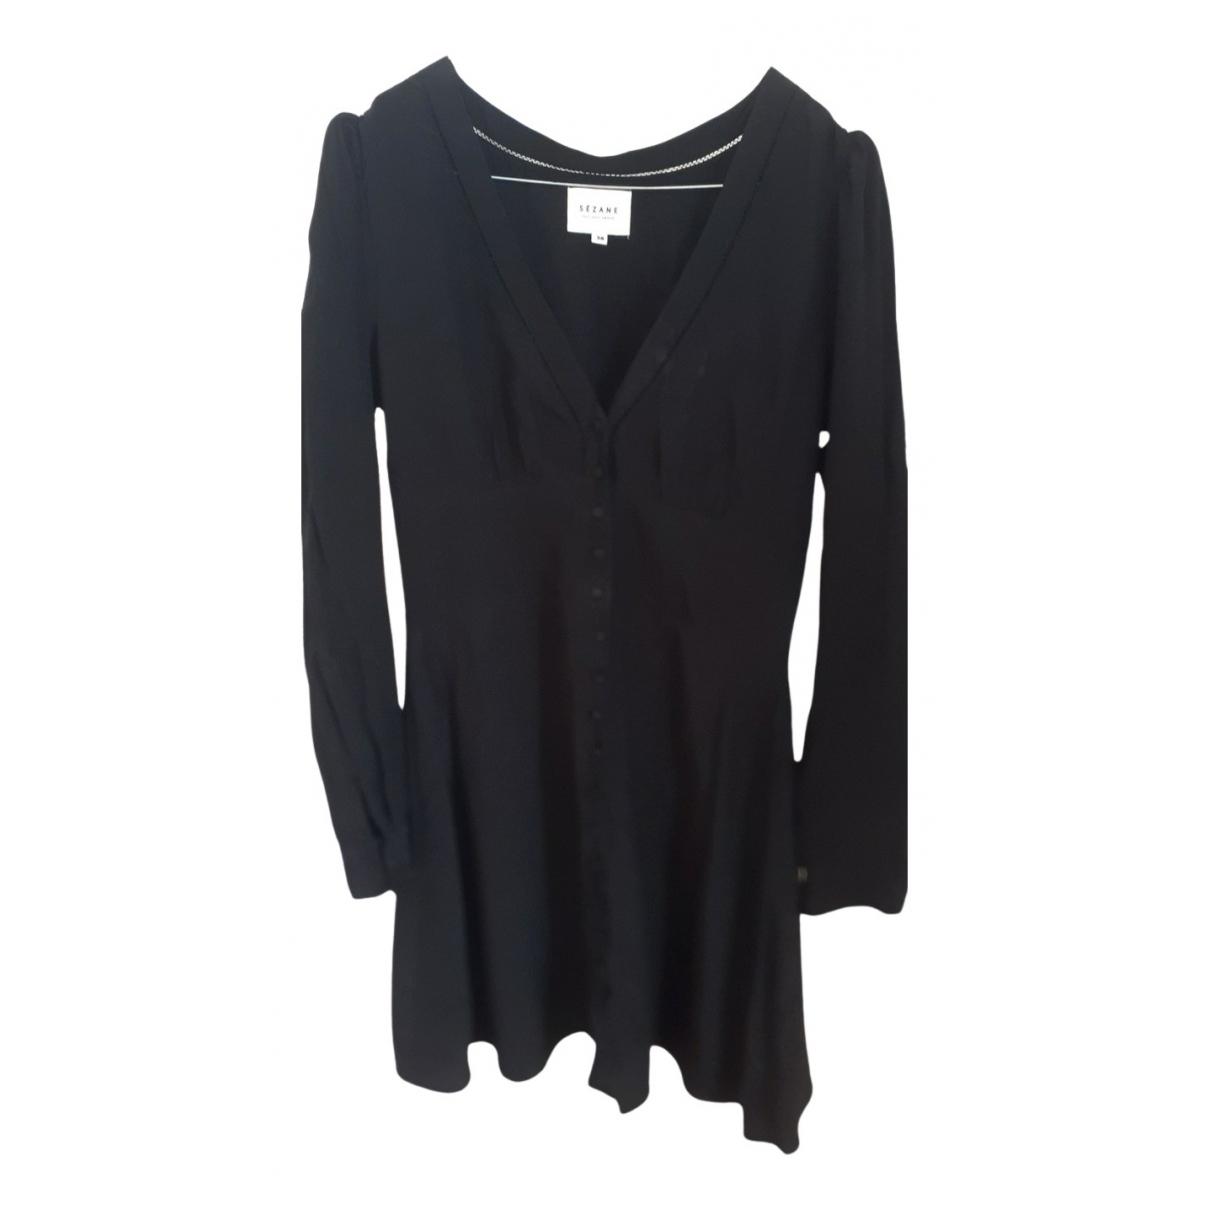 Sezane \N Kleid in  Schwarz Seide